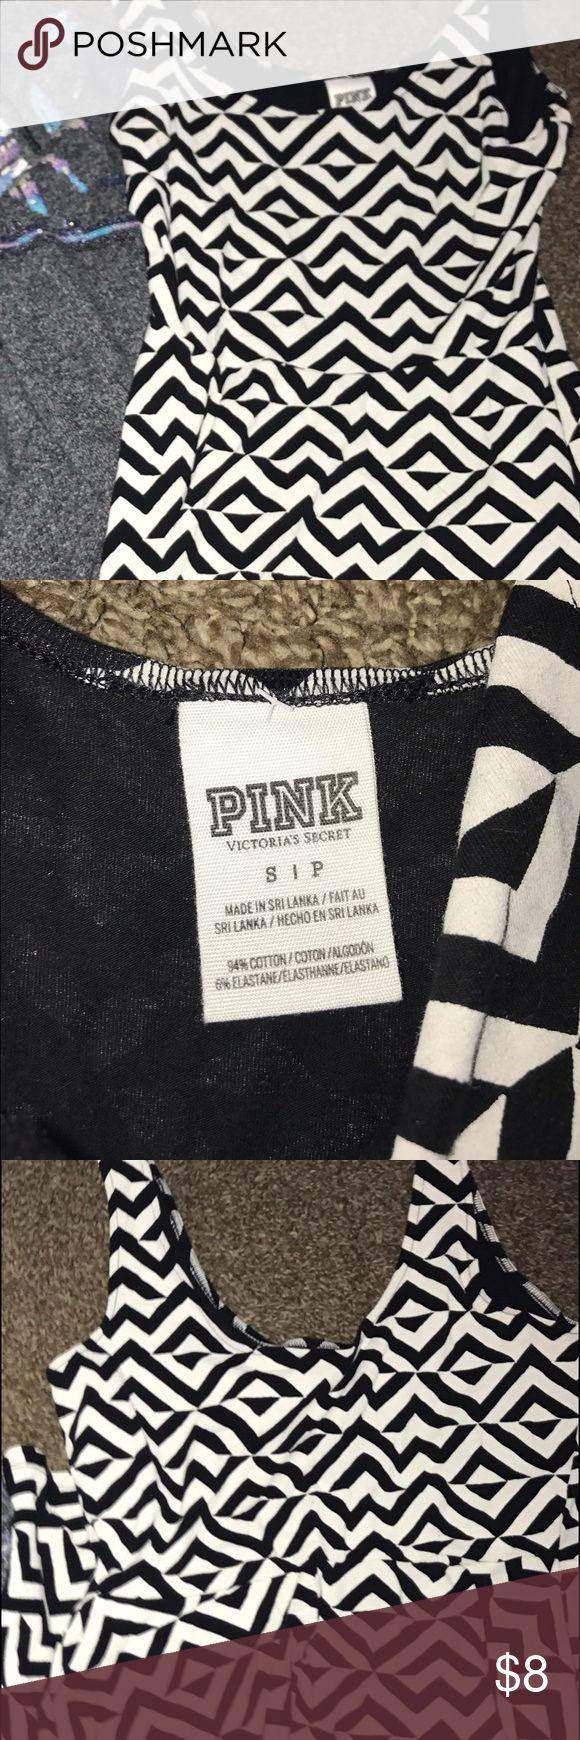 Vs pink maxi dress Size small euc PINK Victoria's Secret Dresses Maxi